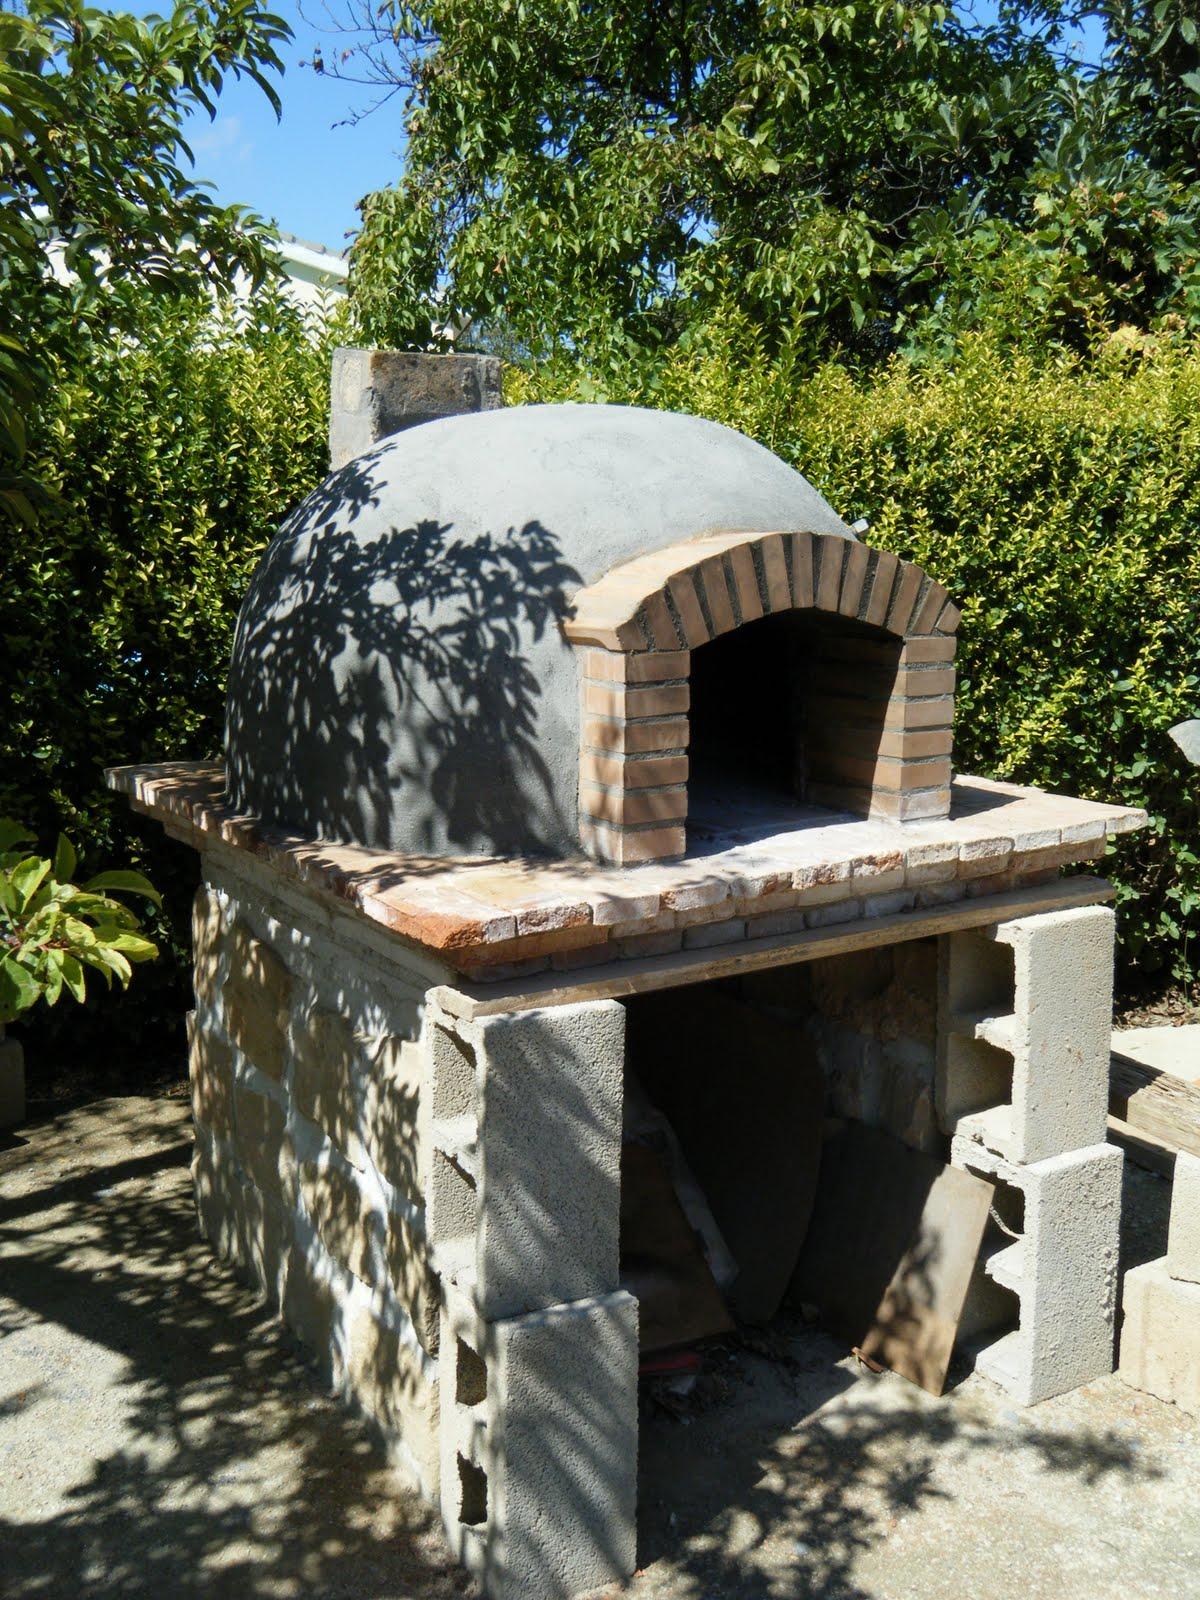 Mundocharly construccion de un horno de le a capitulo primero el origen de la piedras Construir un horno de lena